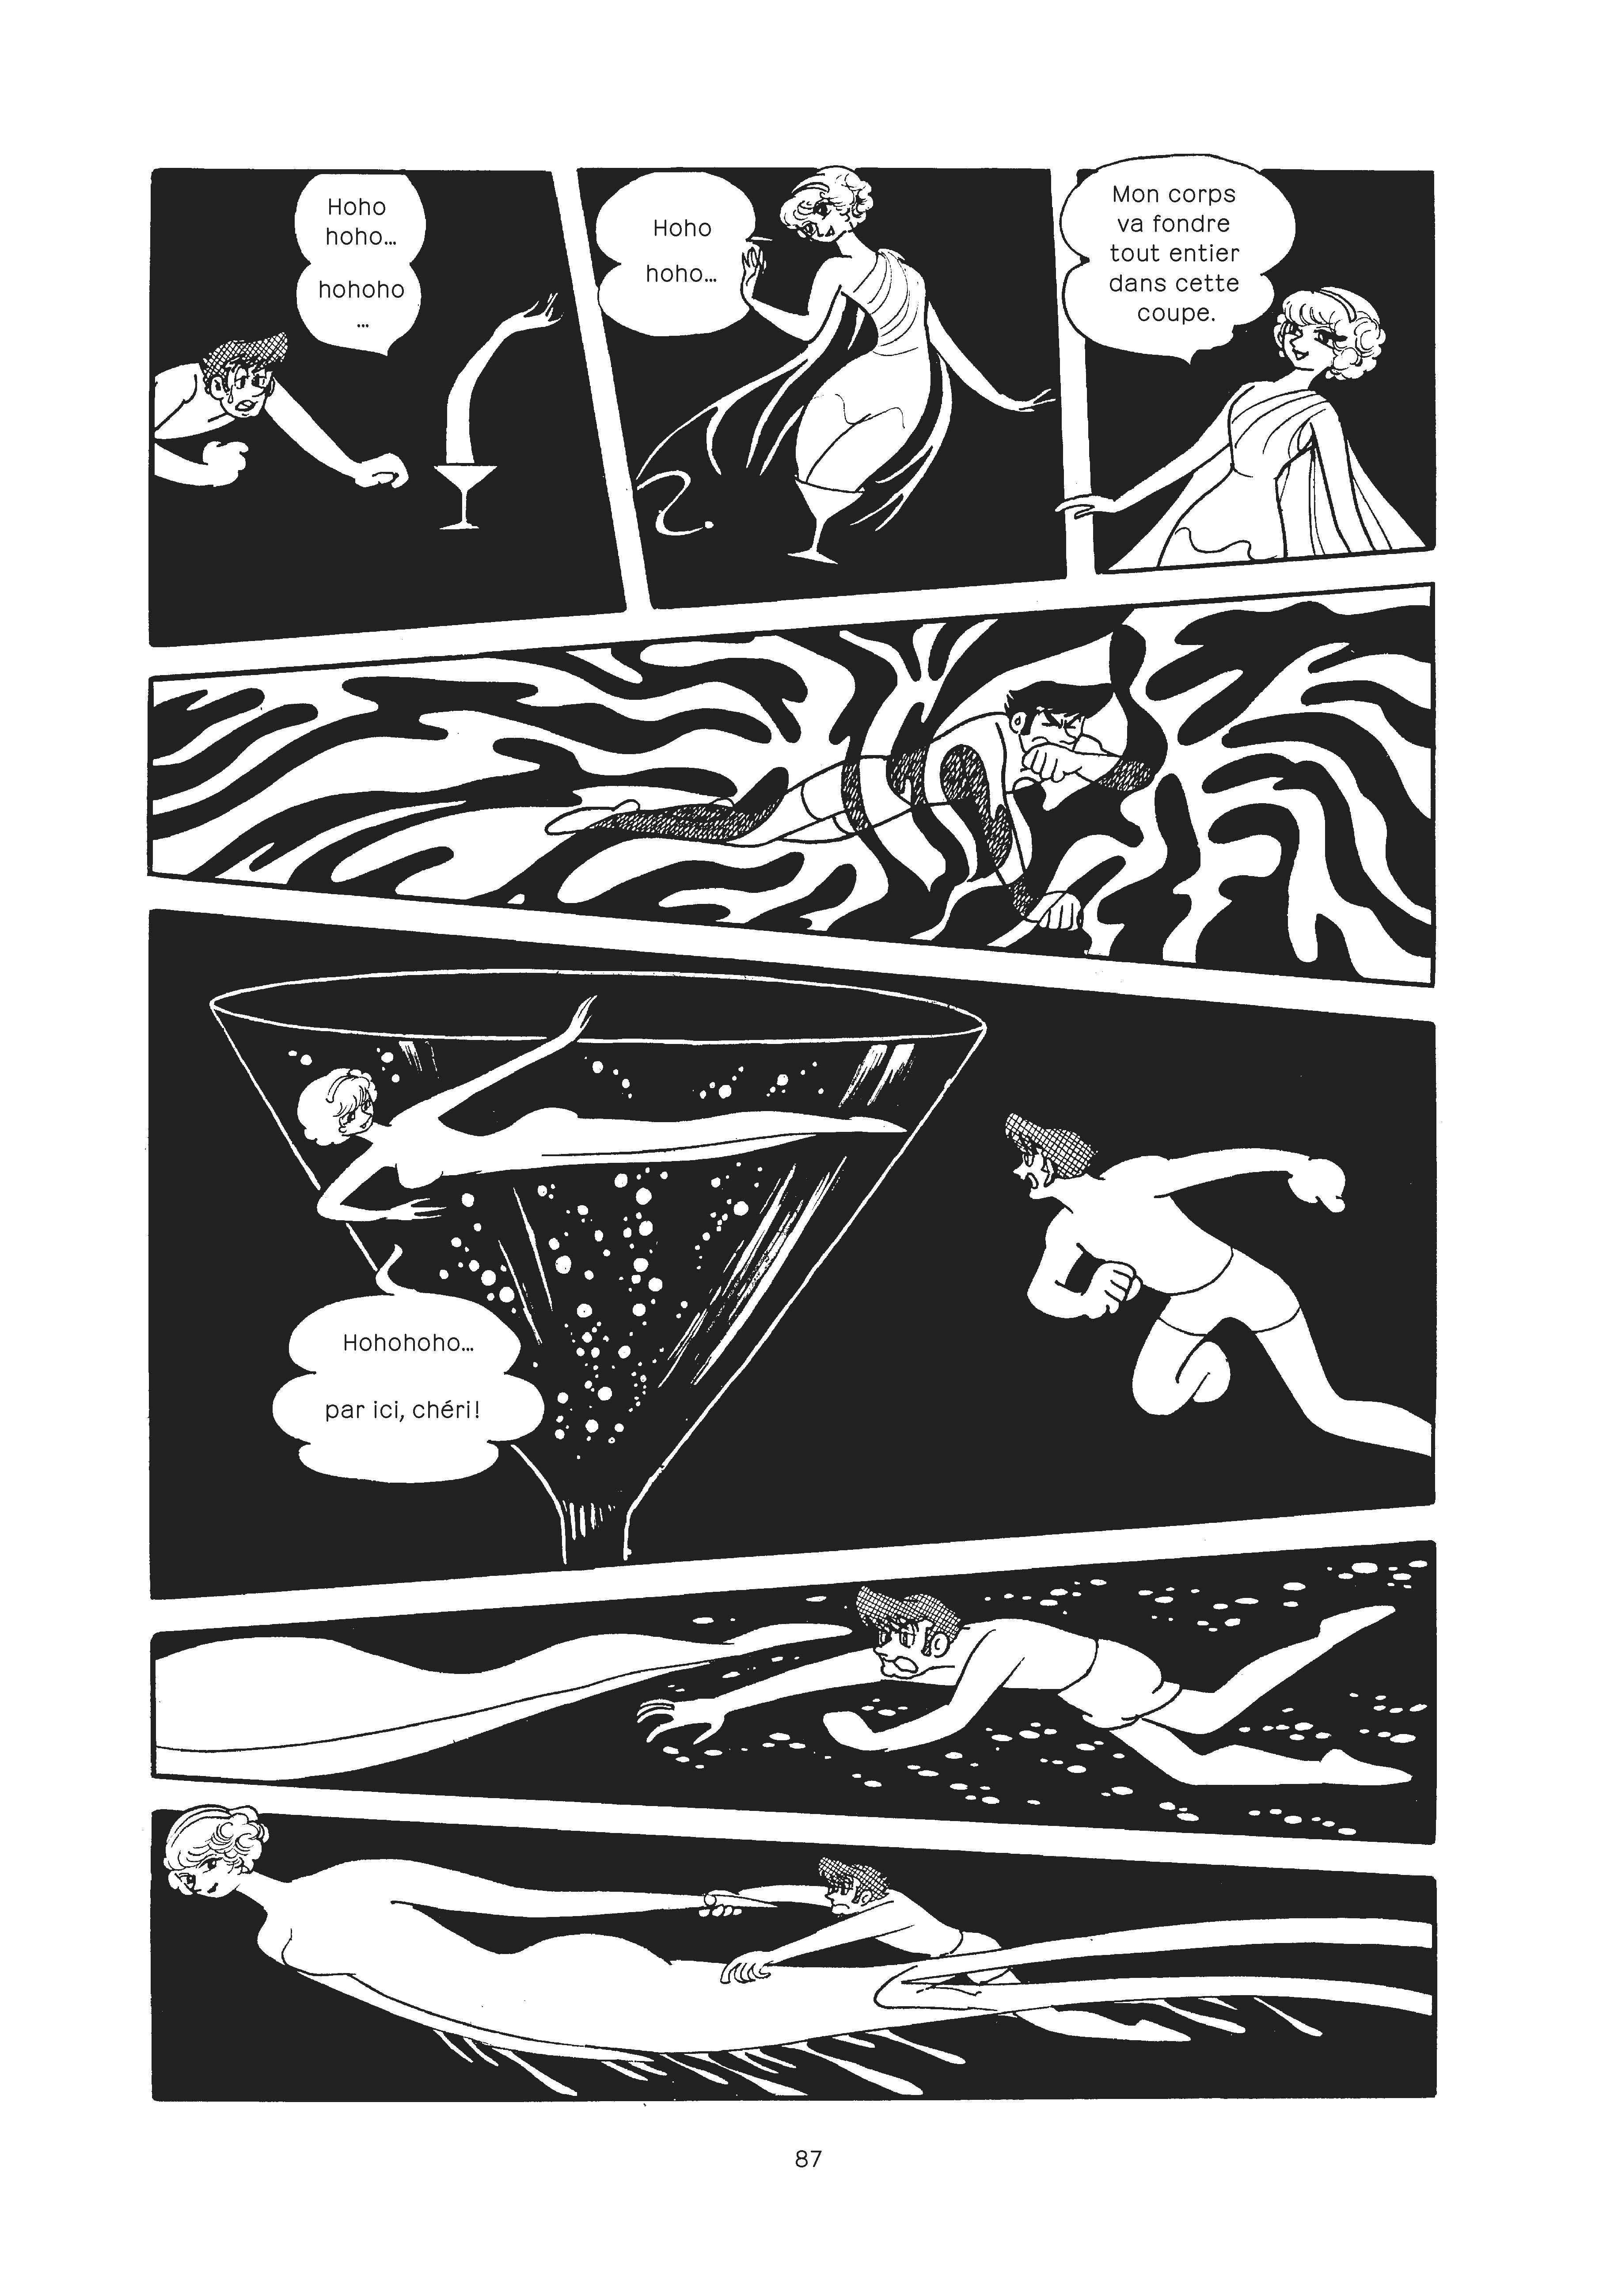 Extrait n°3 du manga par Osamu Tezuka